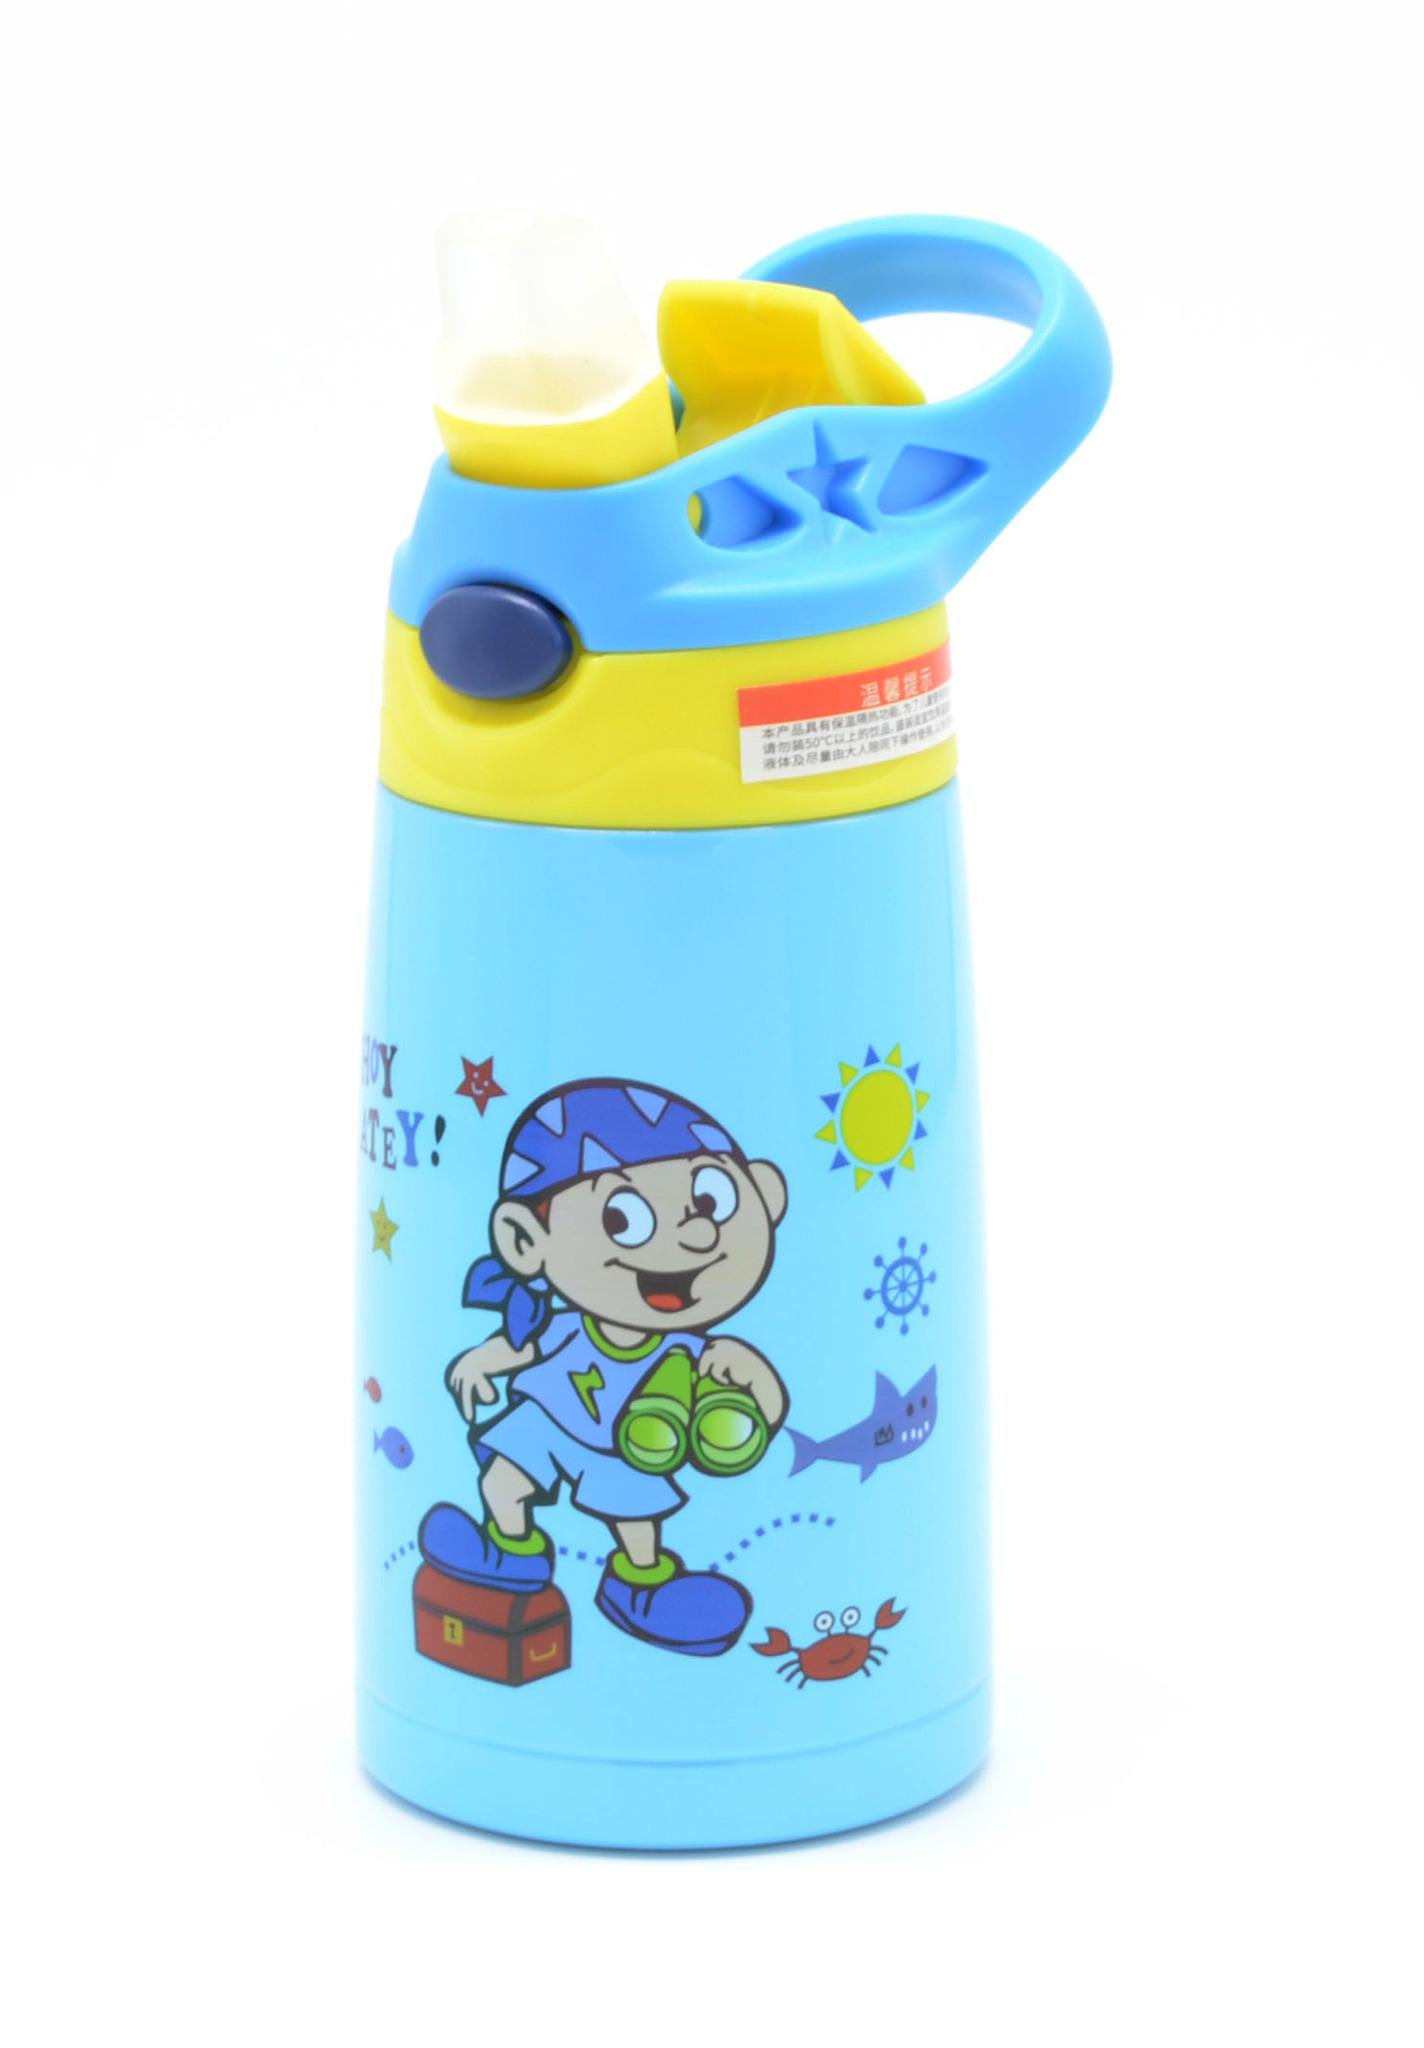 Детский термос с выкидной трубочкой So Cute 350 мл. голубой